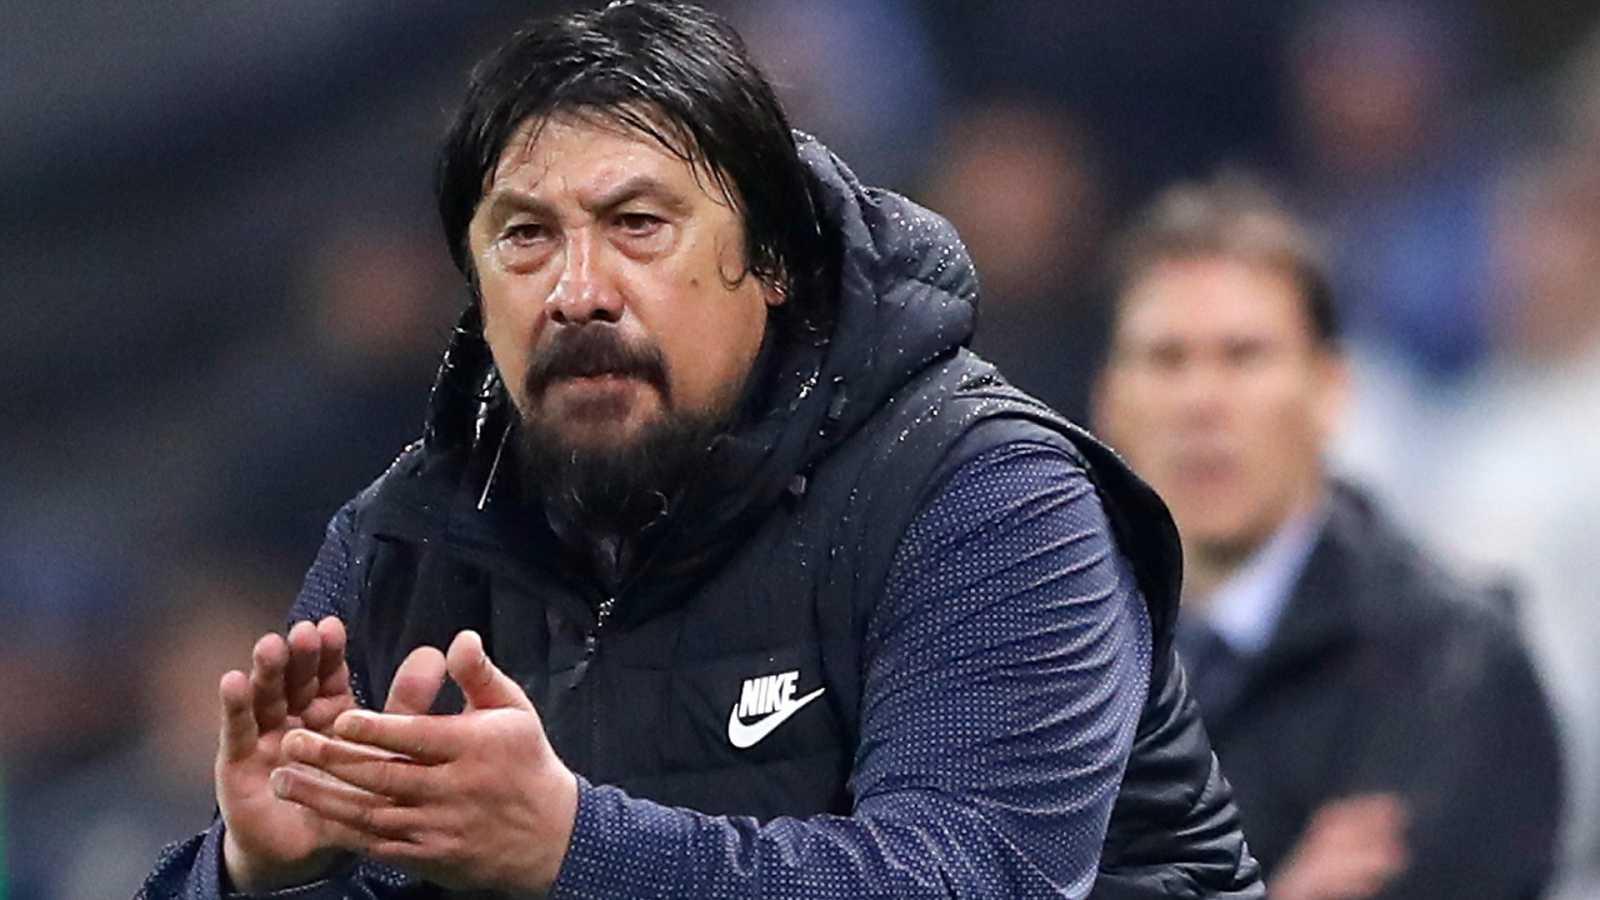 El asistente técnico de Atlético, German Burgos anima durante un partido